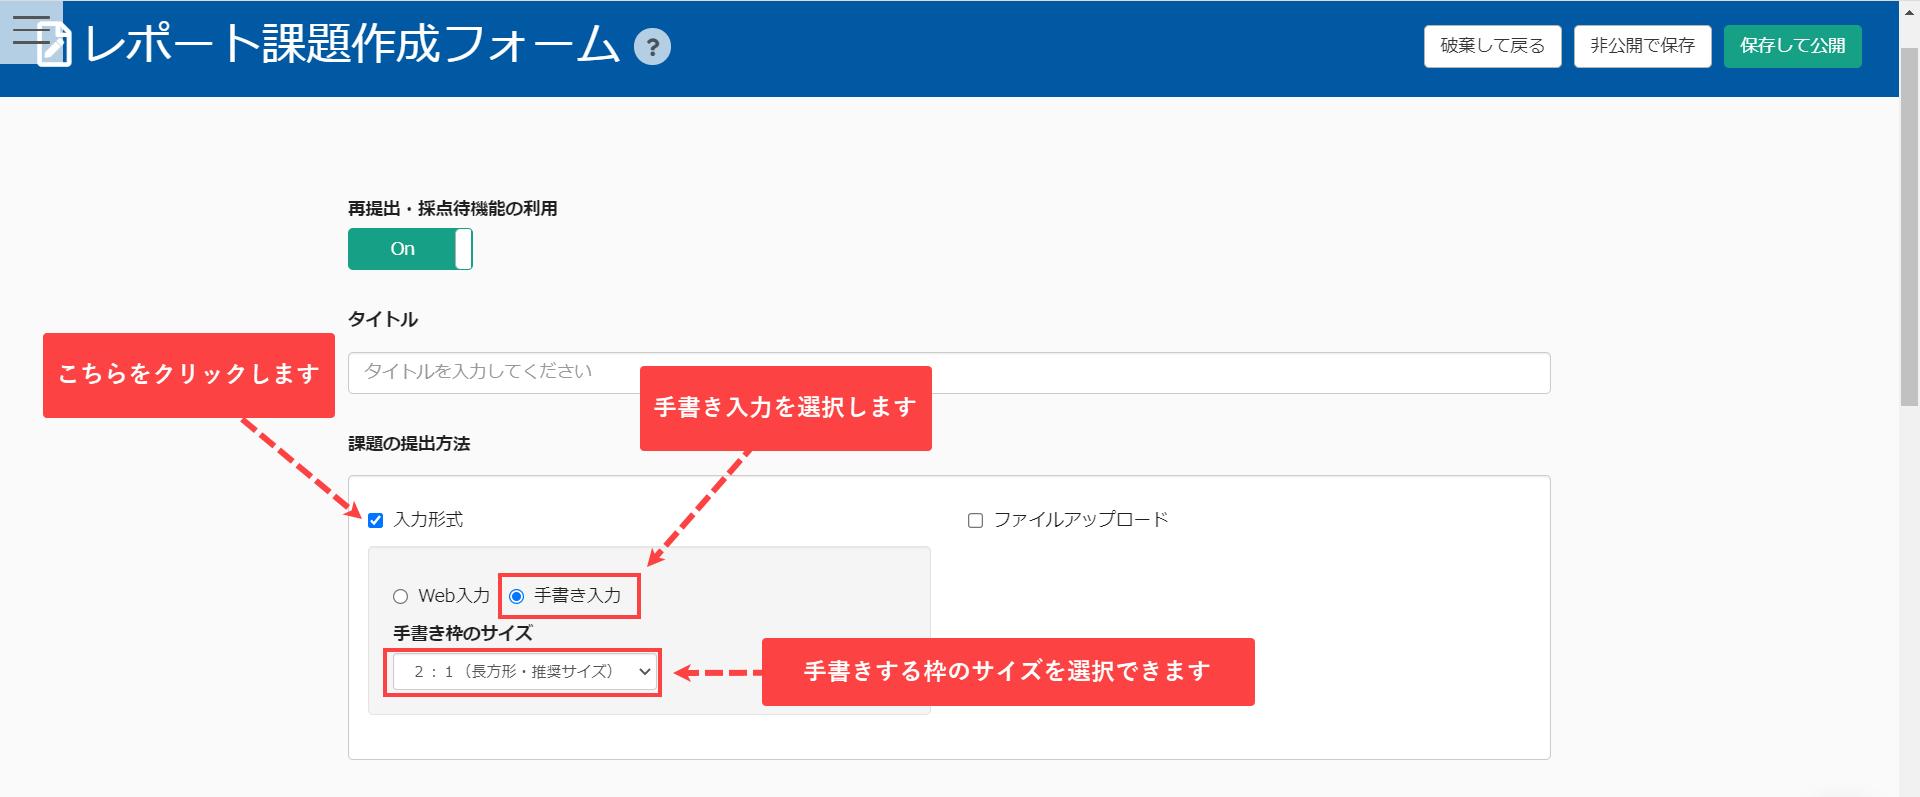 レポート課題作成フォーム-learningBOX